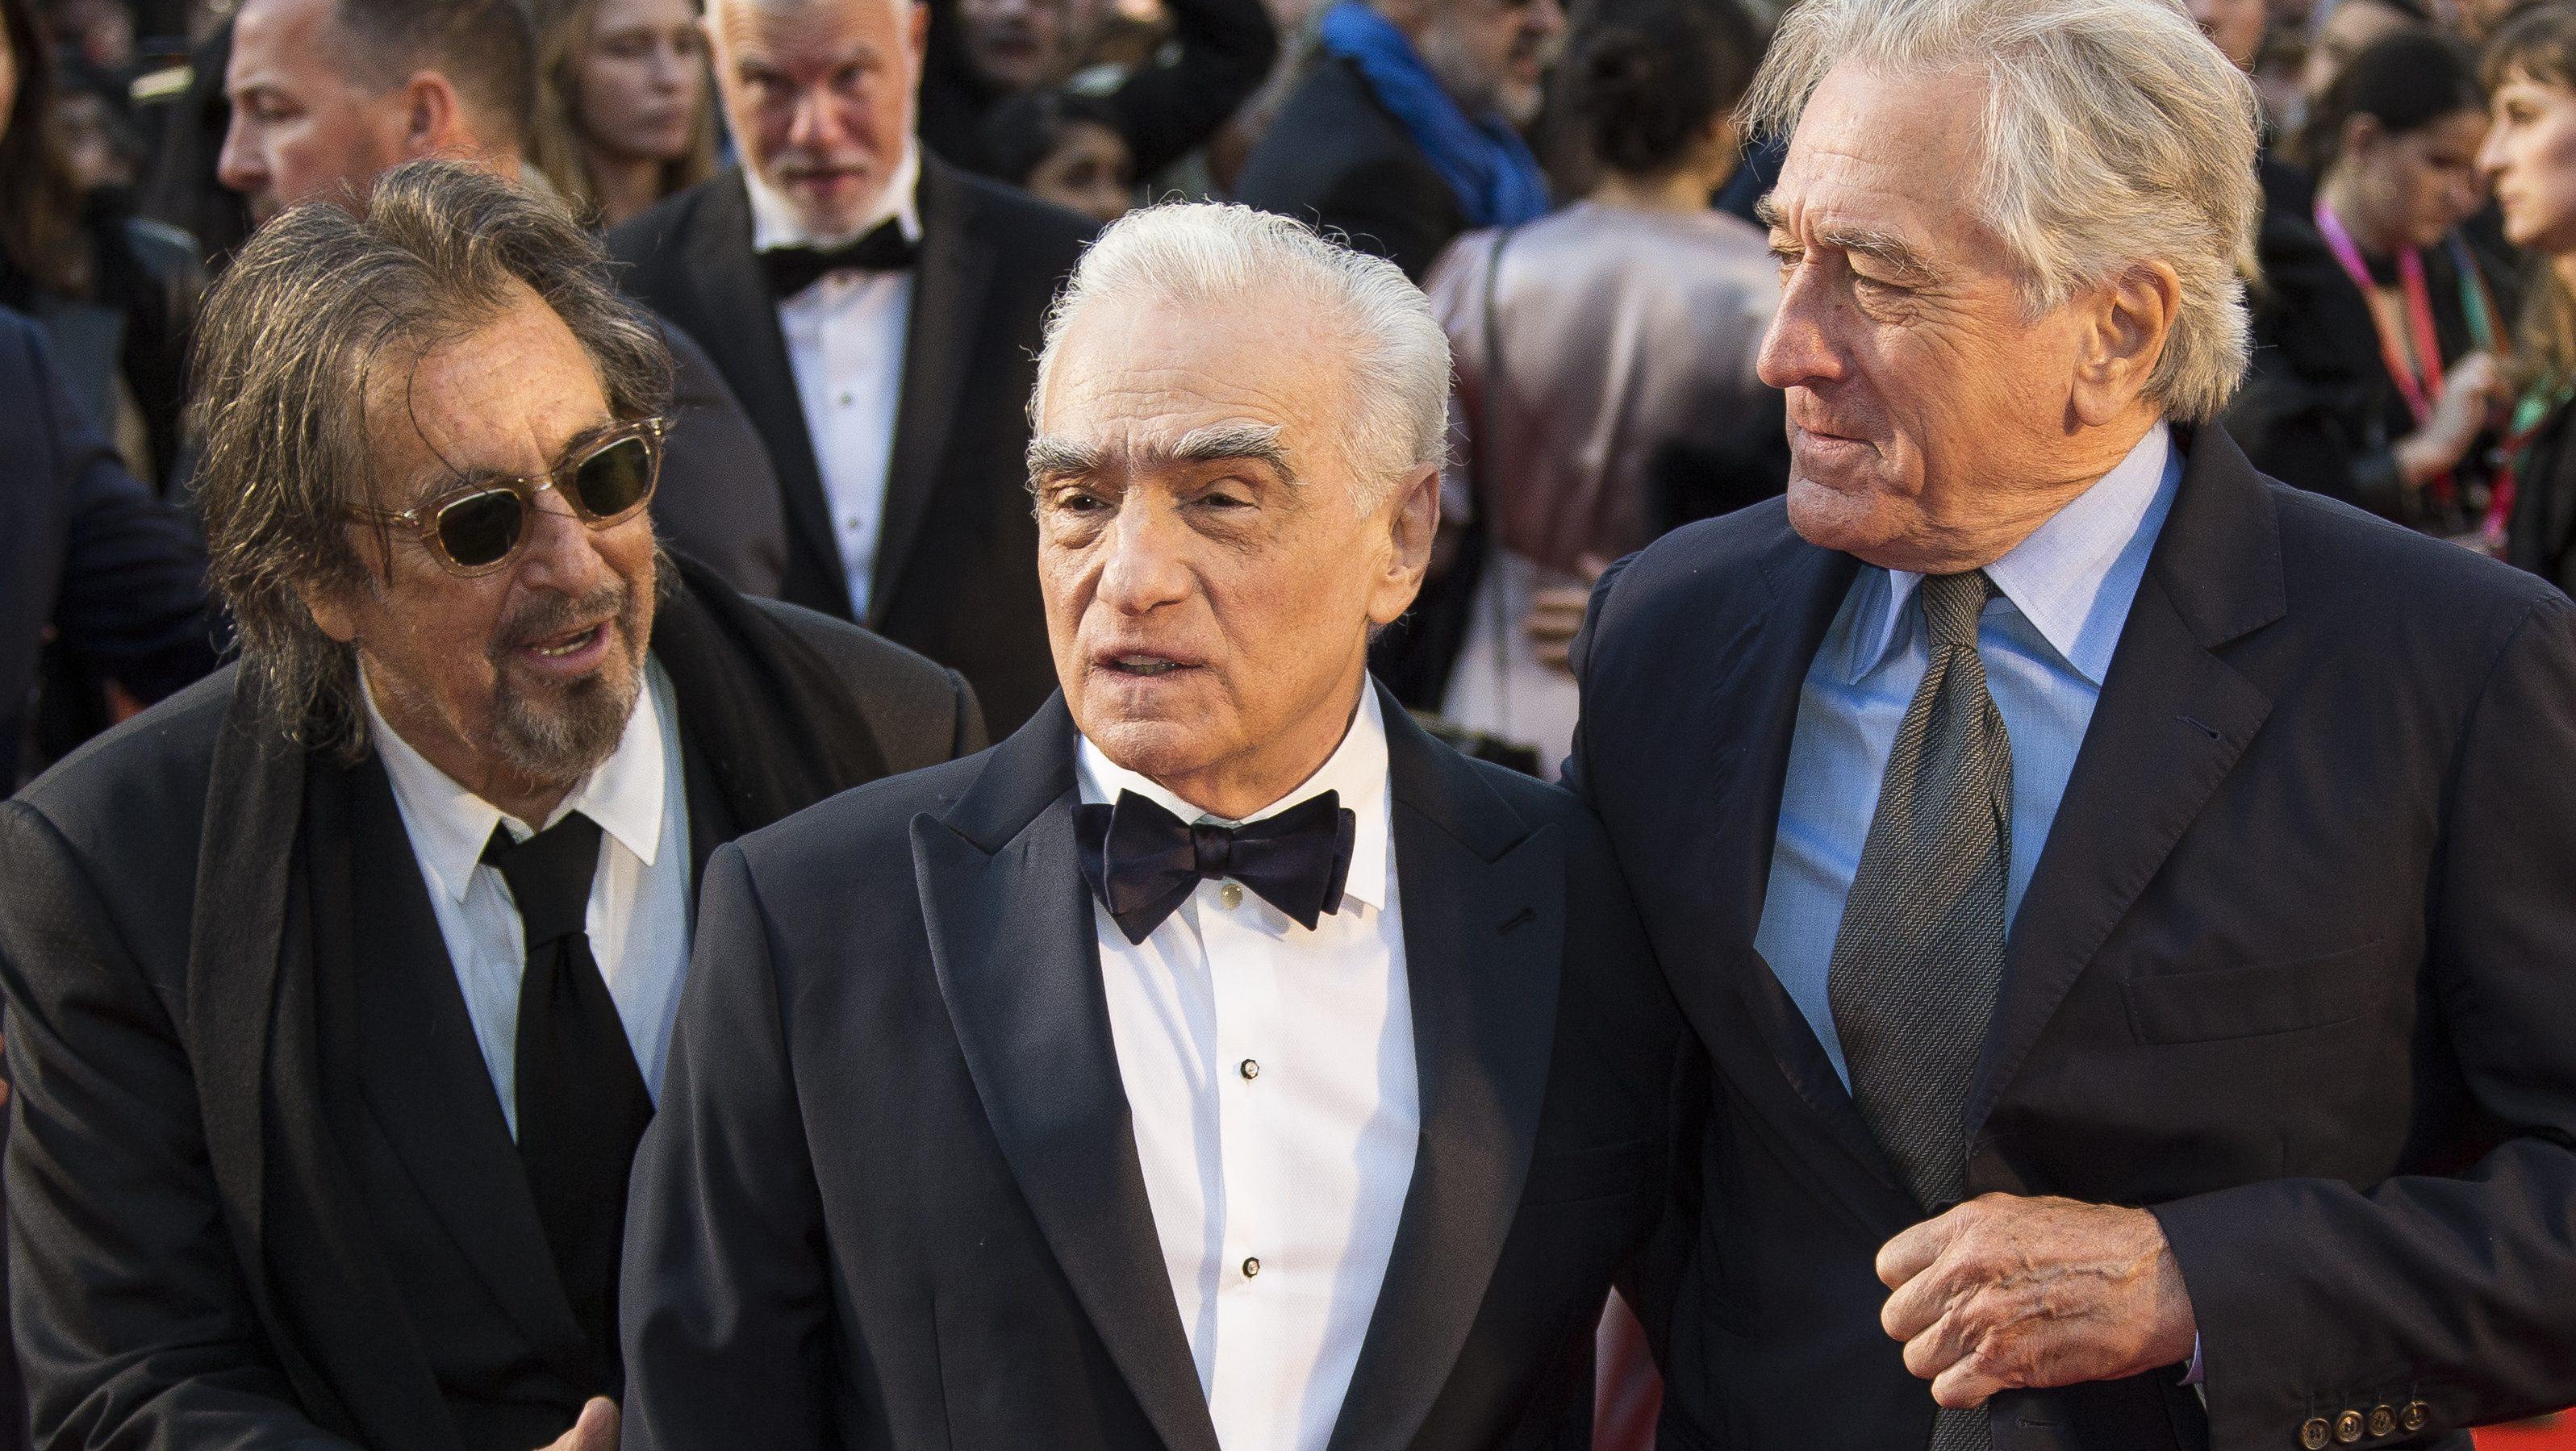 Al Pacino, Martin Scorsese, Robert De Niro